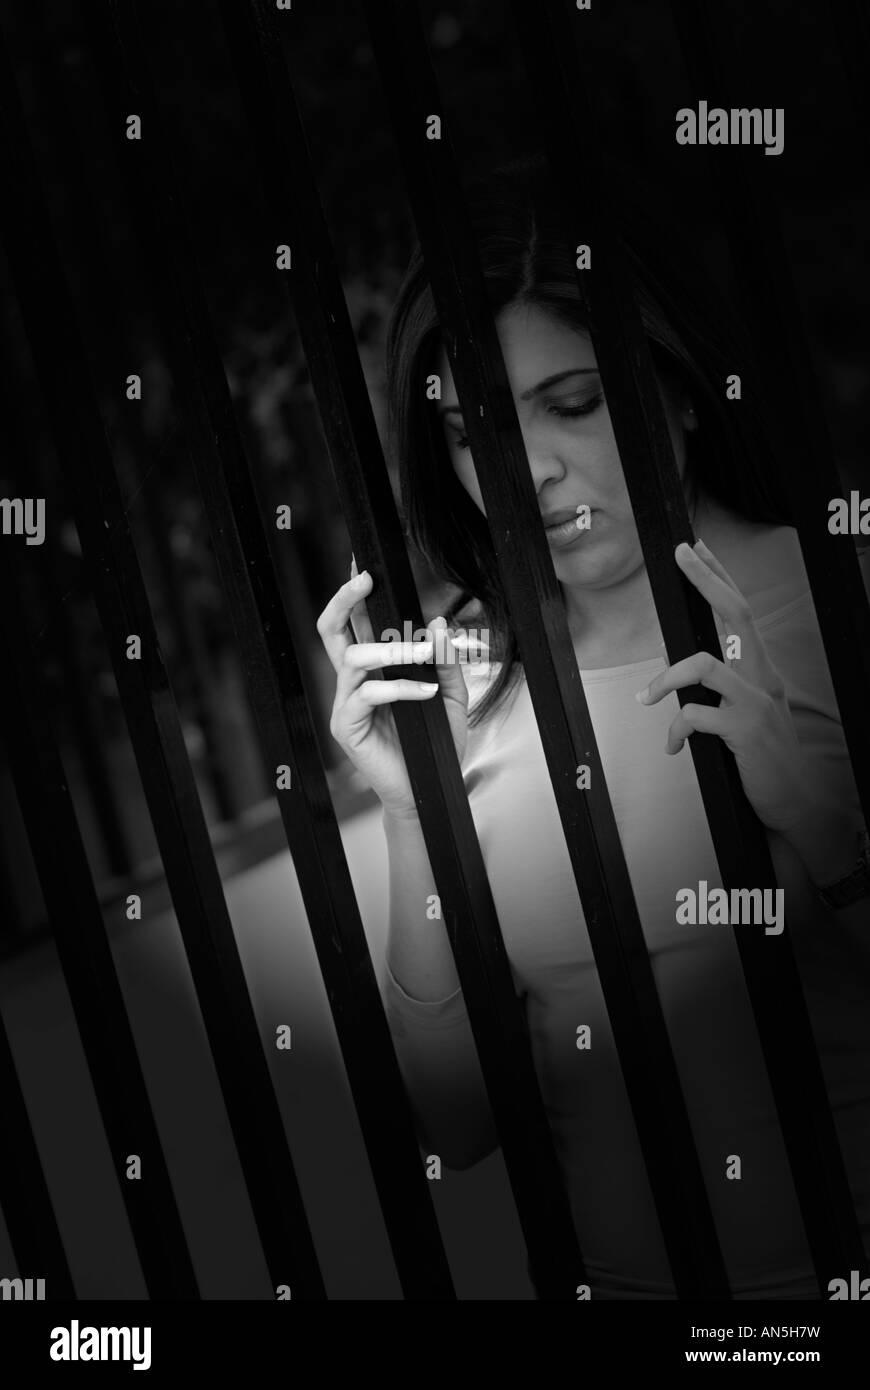 woman behind bars - Stock Image